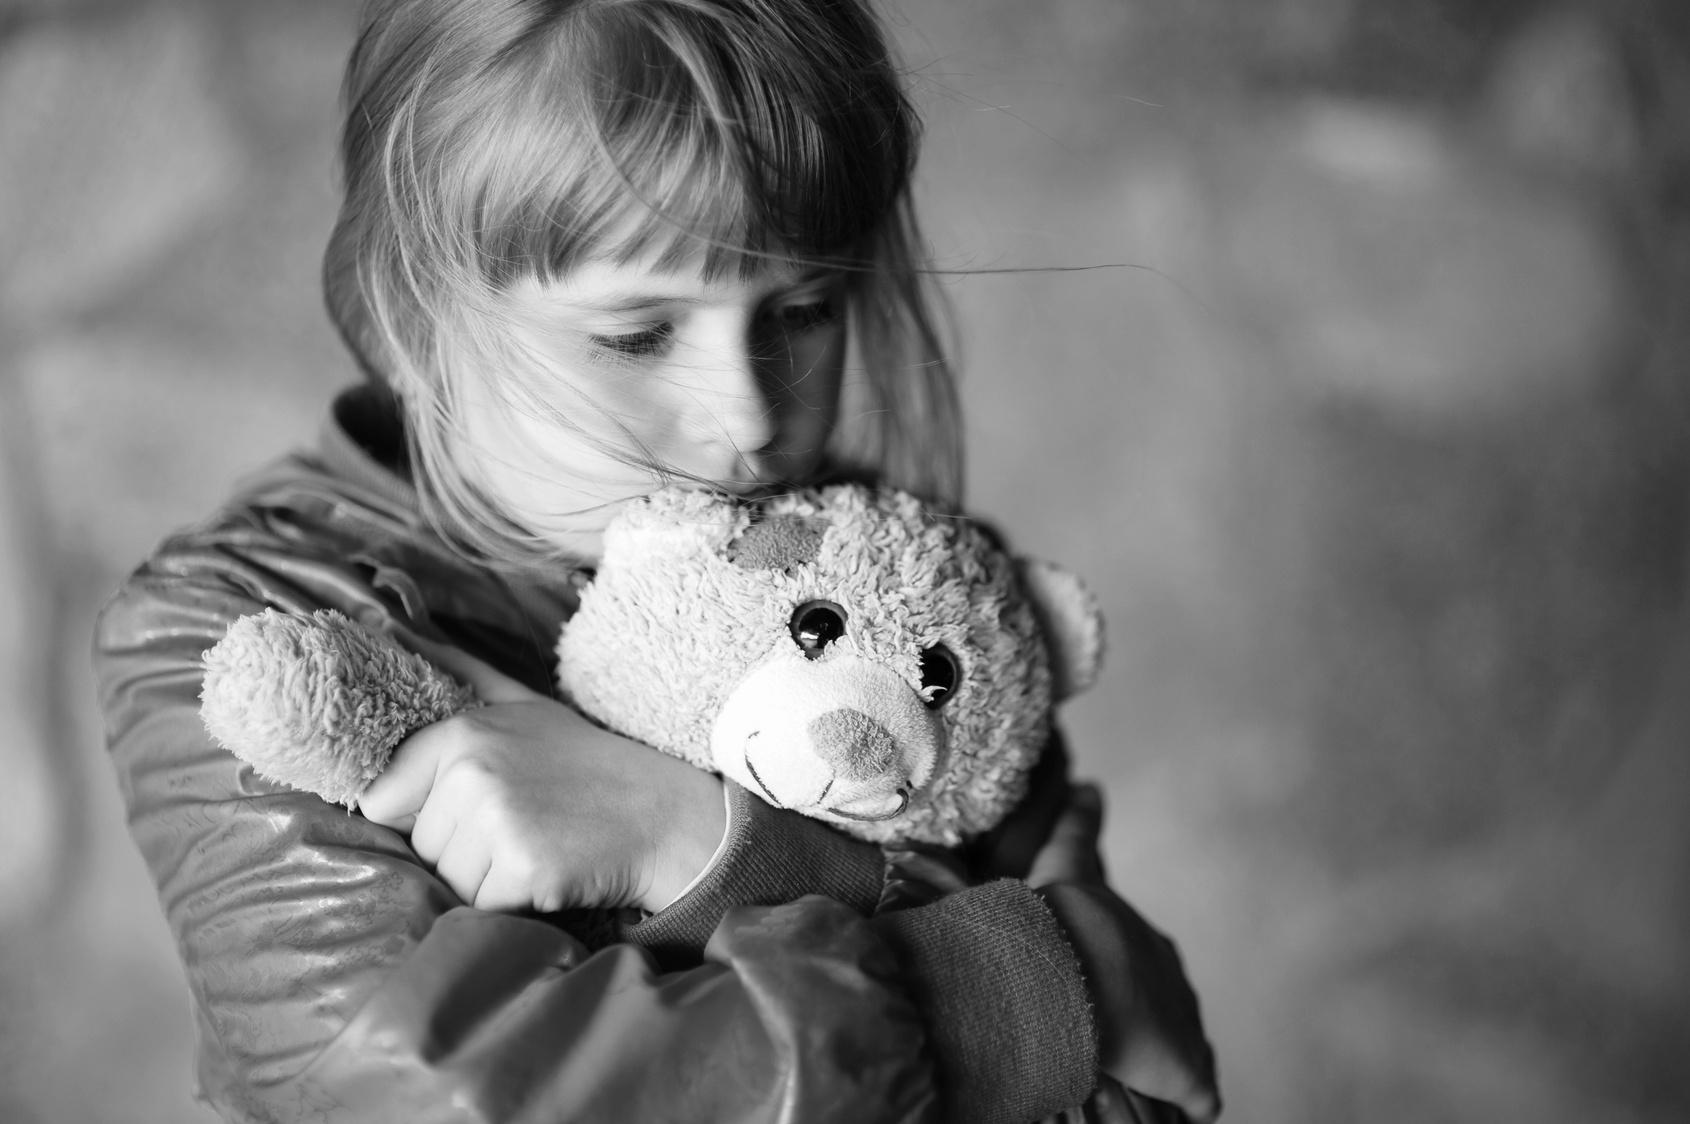 Картинка грустная девочка с мишкой